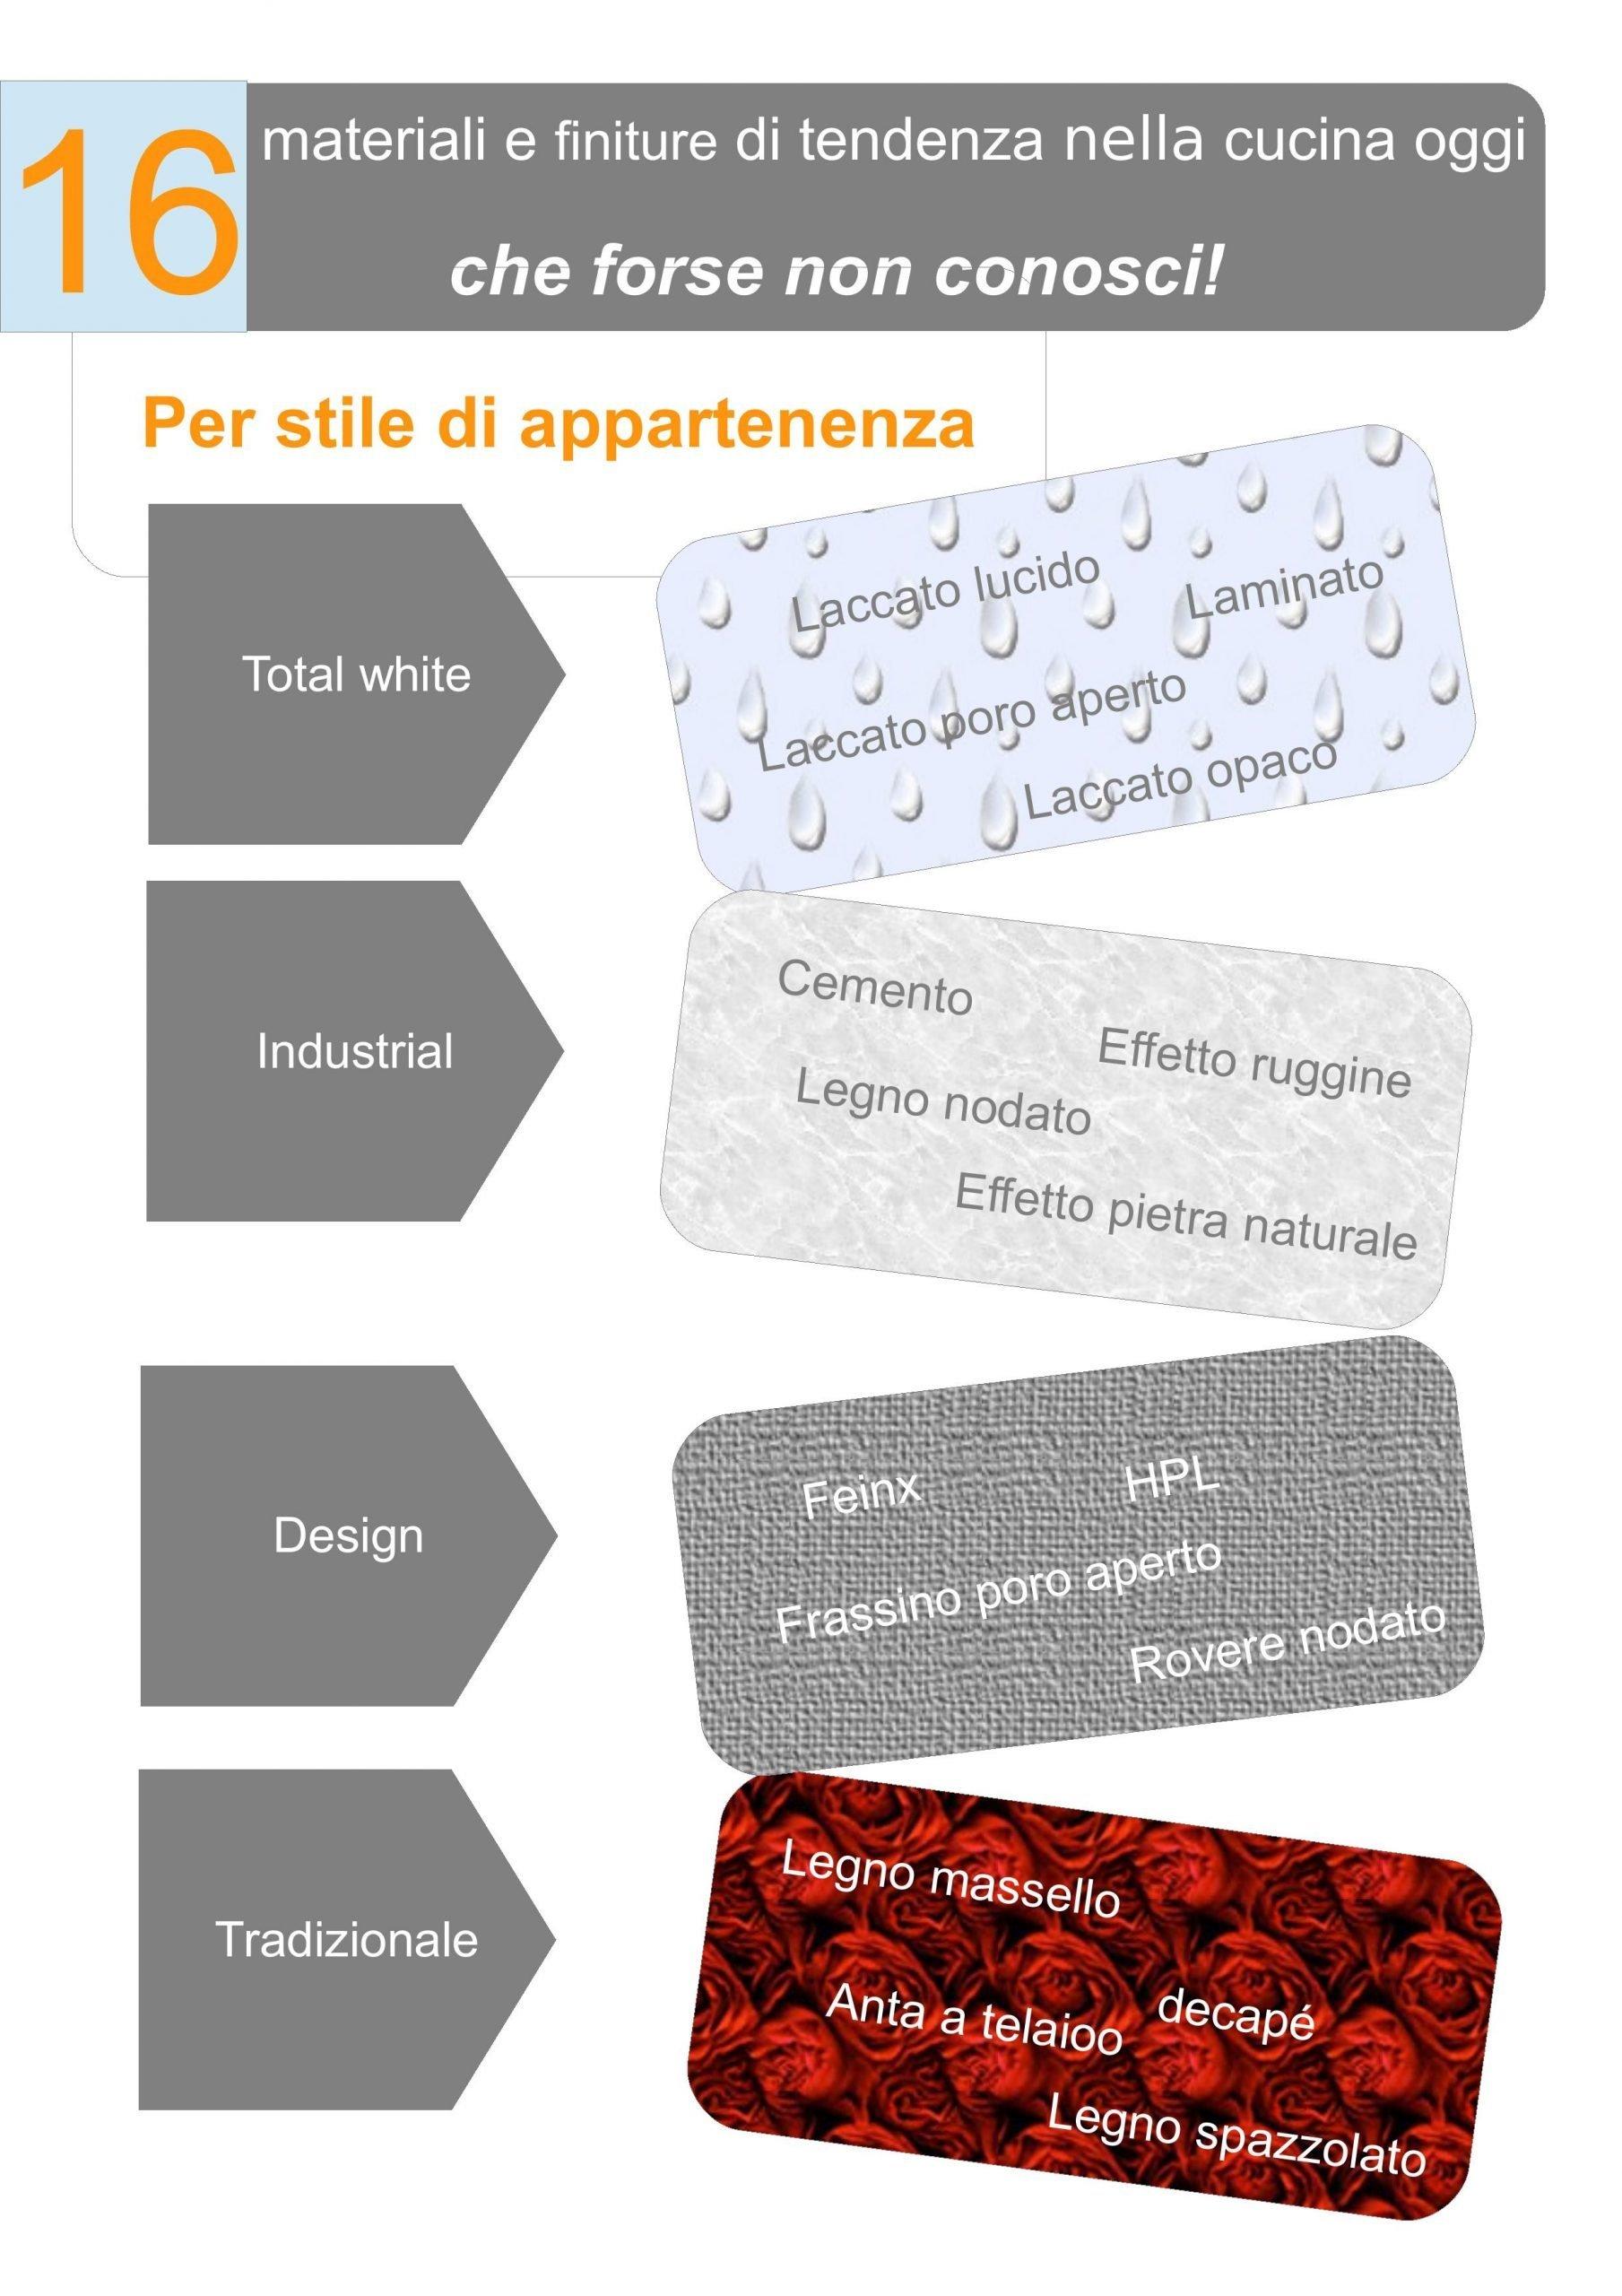 Elenco materiali impiegati nelle cucine componibili suddivisi per stile di appartenenza